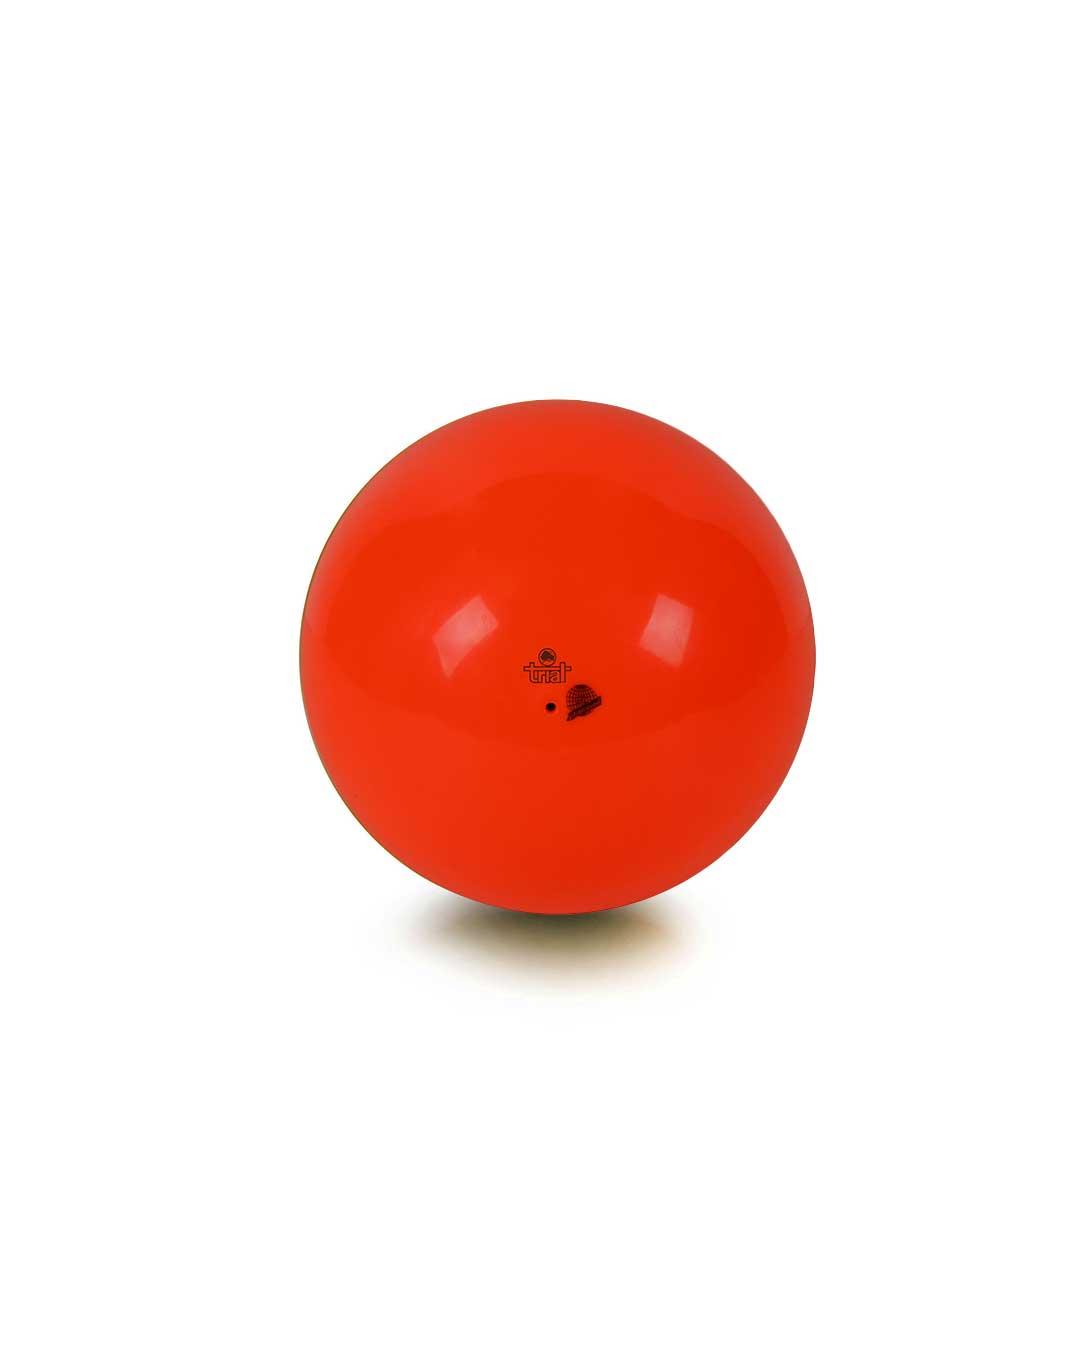 Balón de gimnasia rítmica – Marca Trial color rojo fluor 19 cm (certificado FIG)